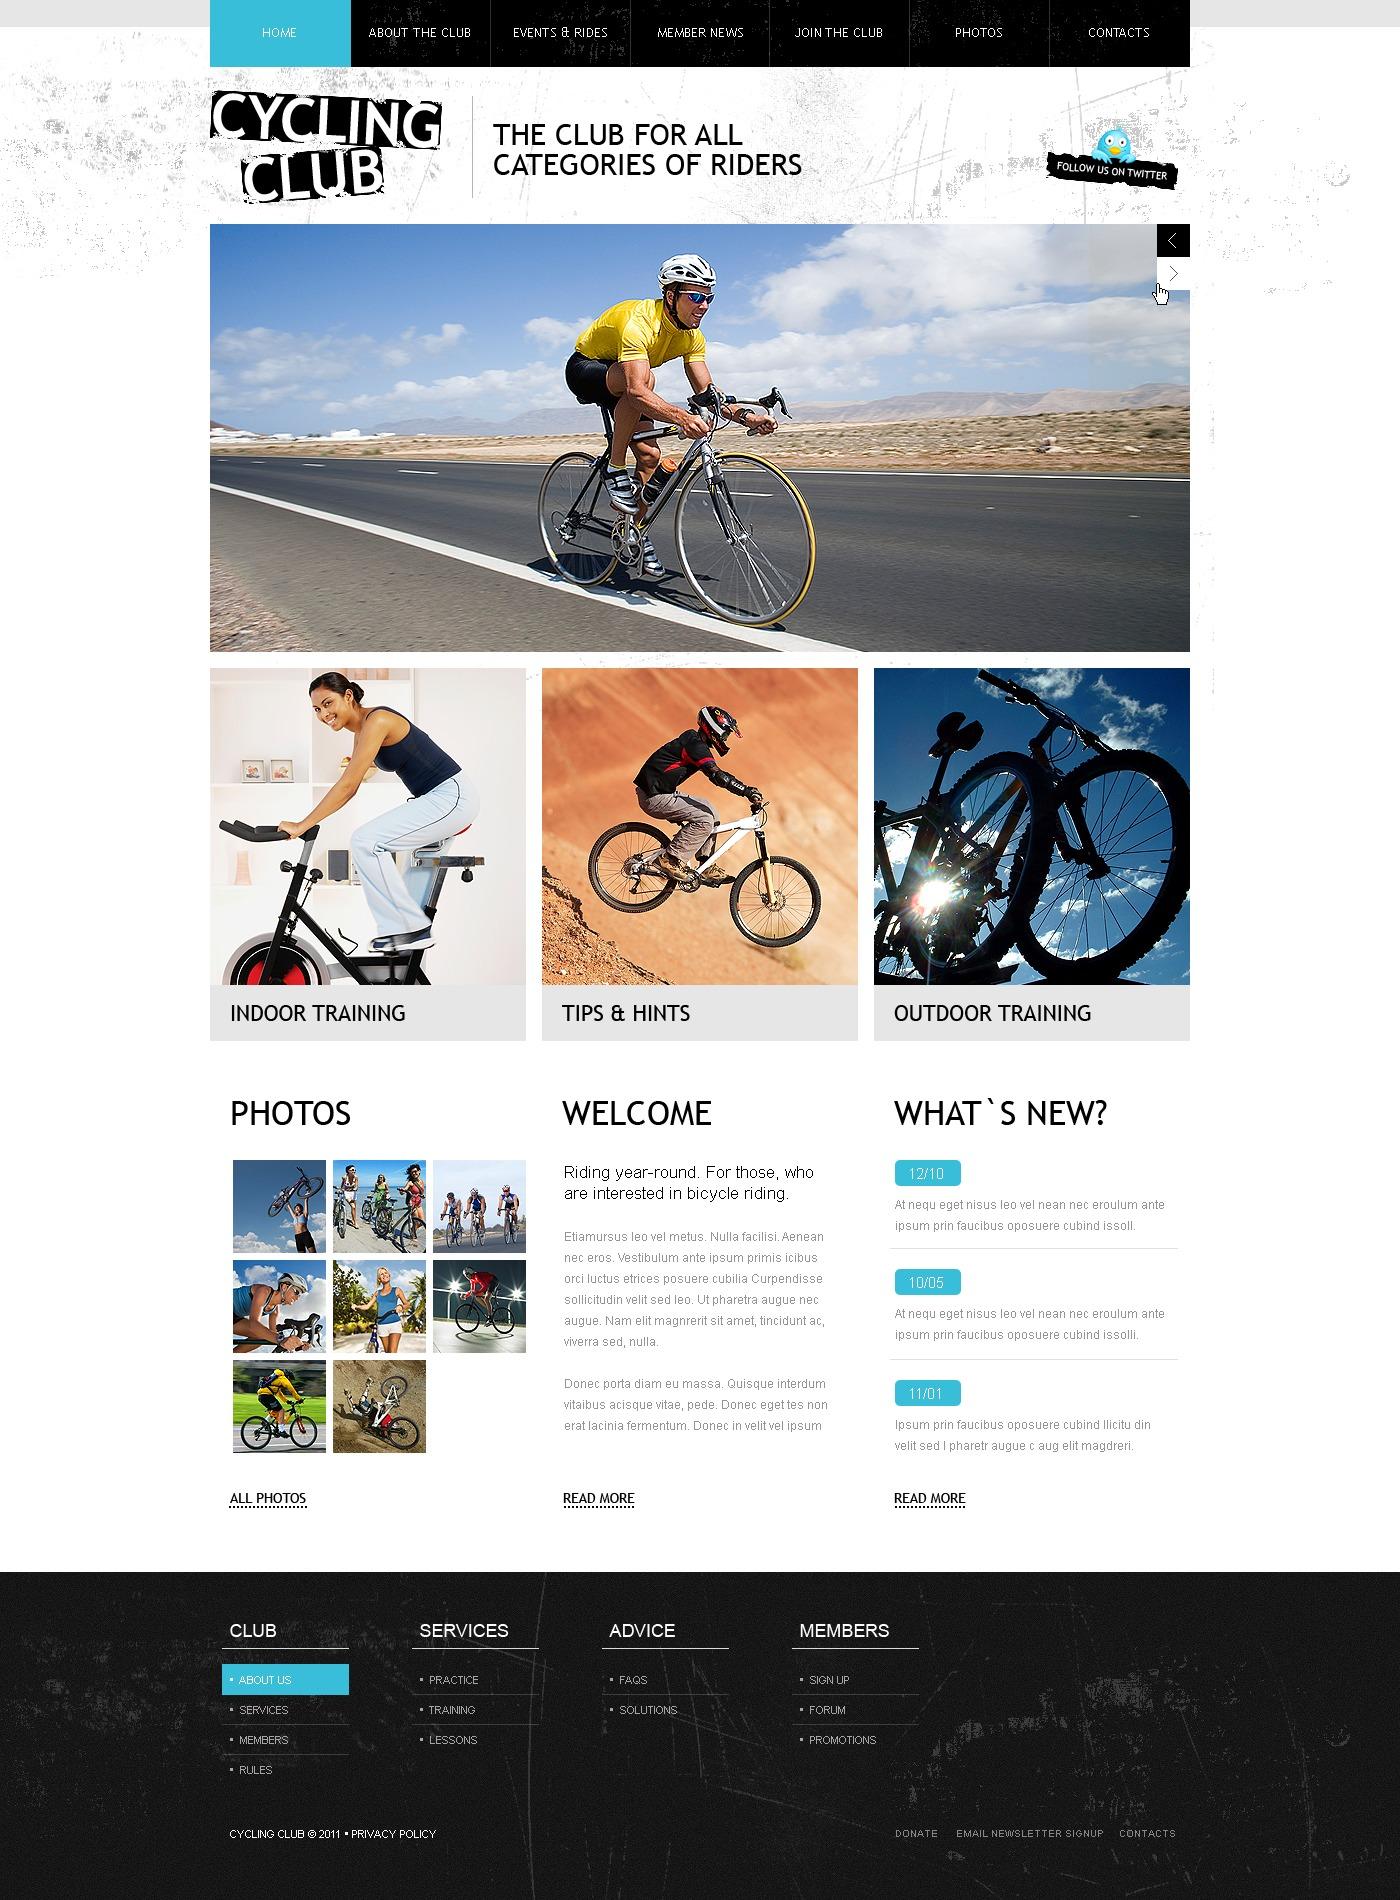 Thème WordPress pour site de cyclisme #34114 - screenshot